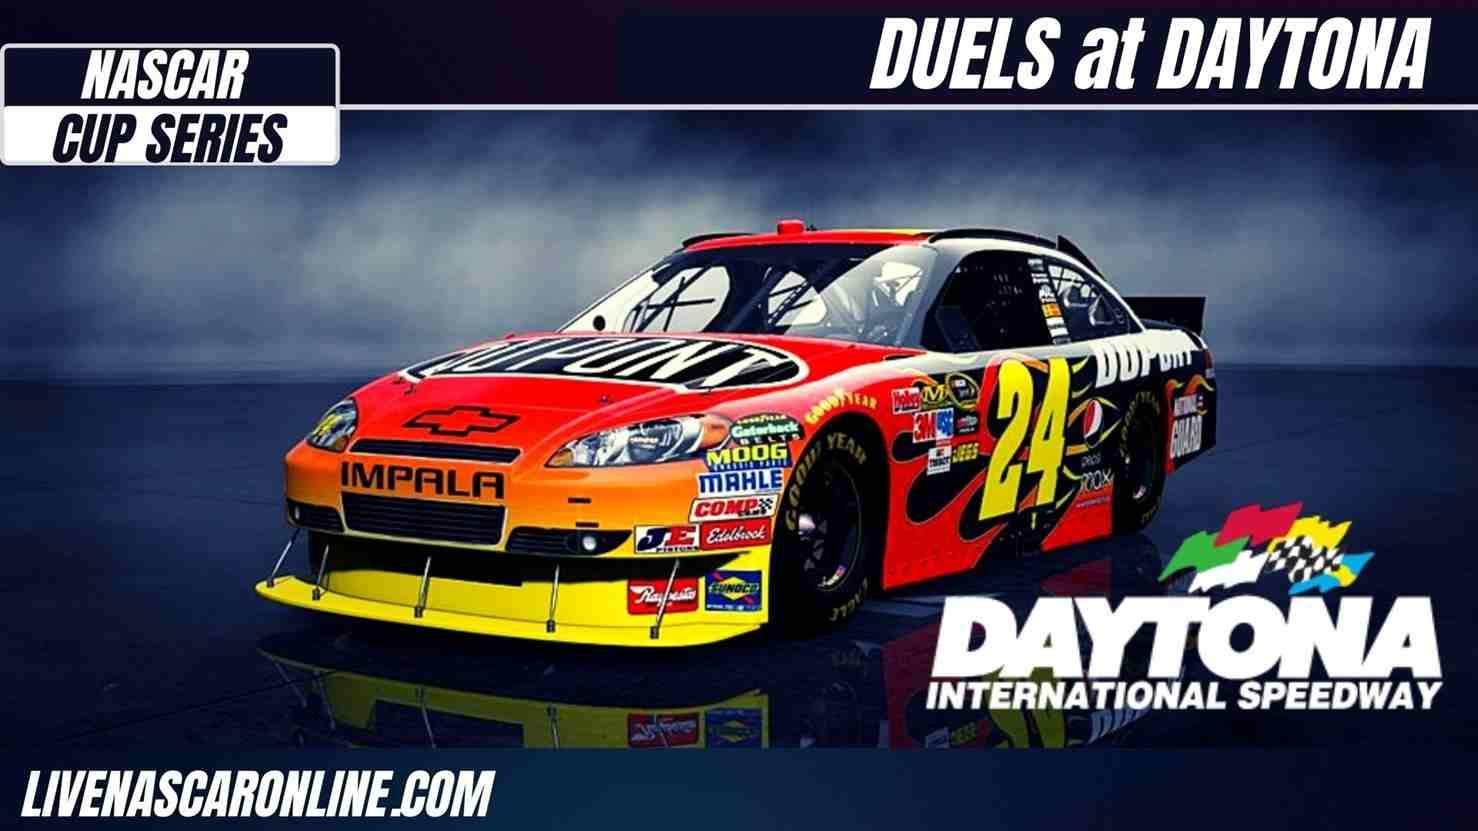 NASCAR Duels at Daytona Live Streaming